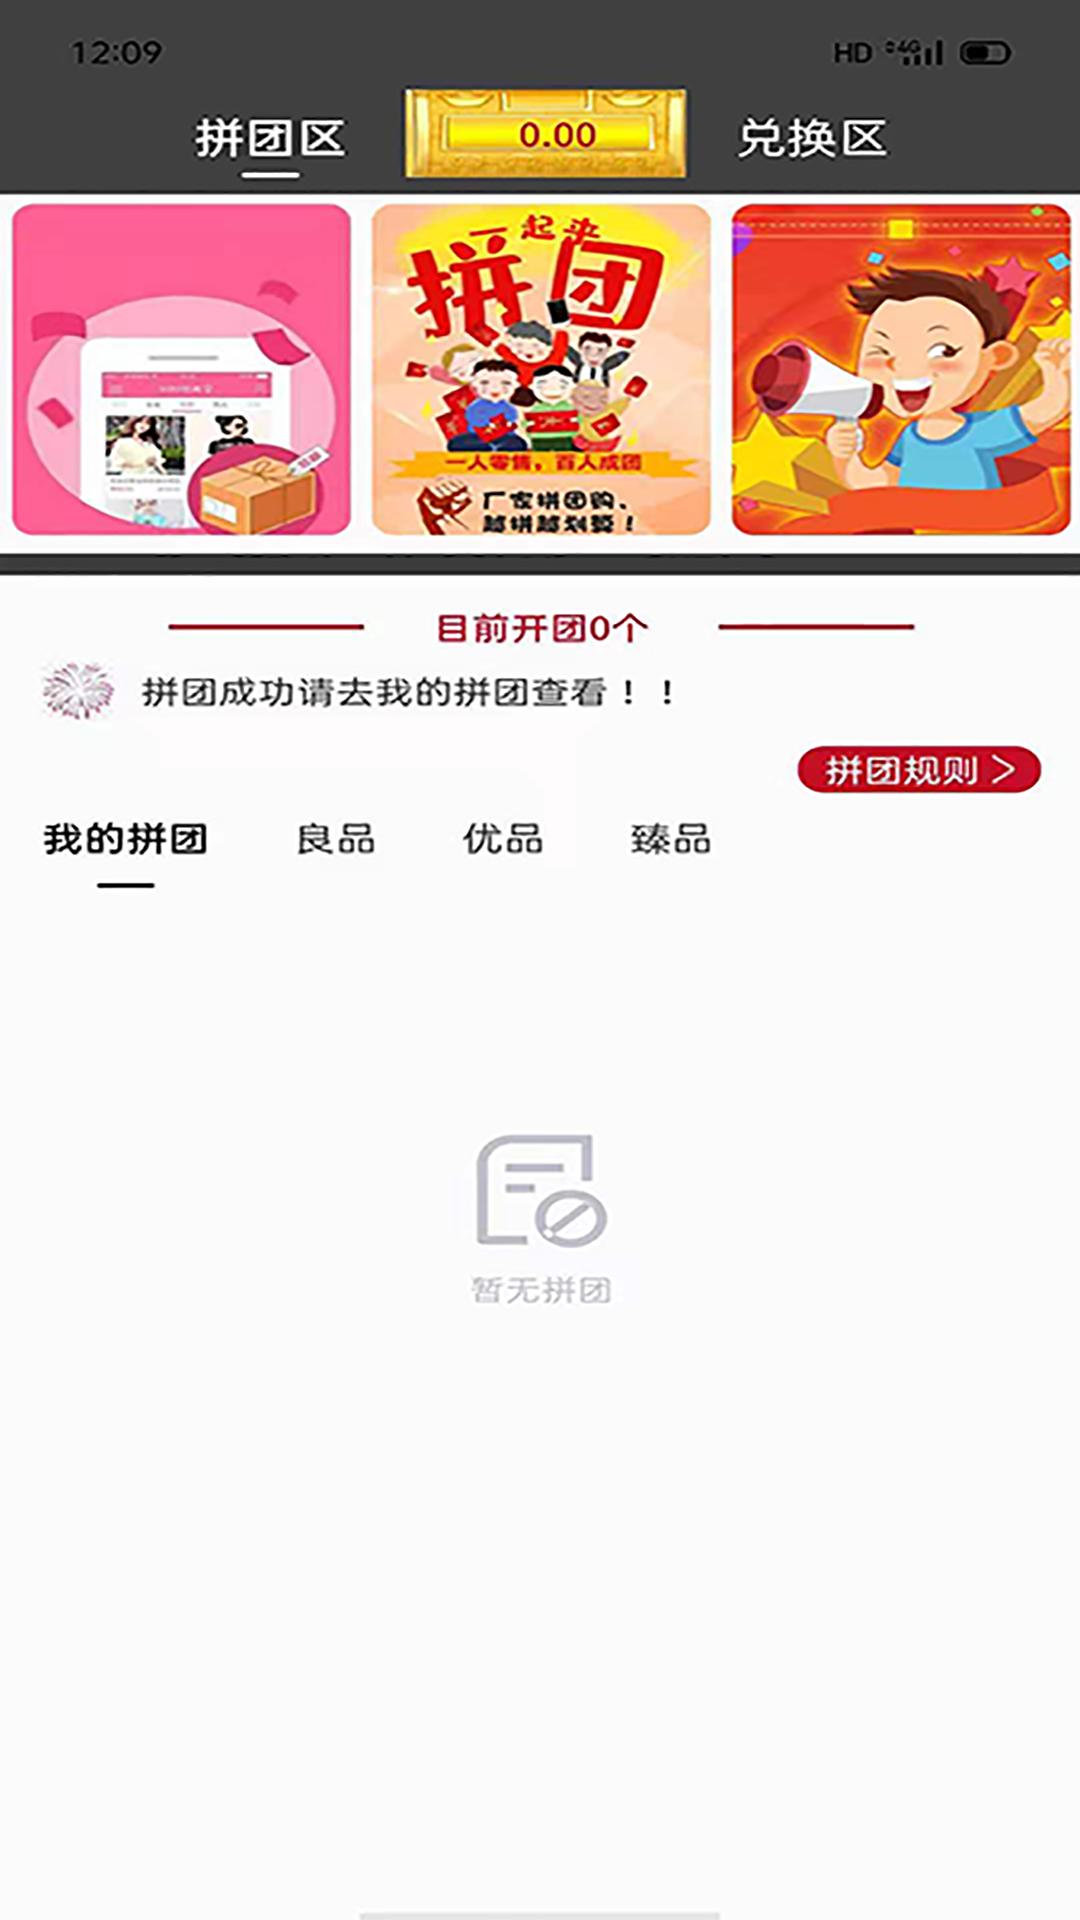 臻德品酷app截图2